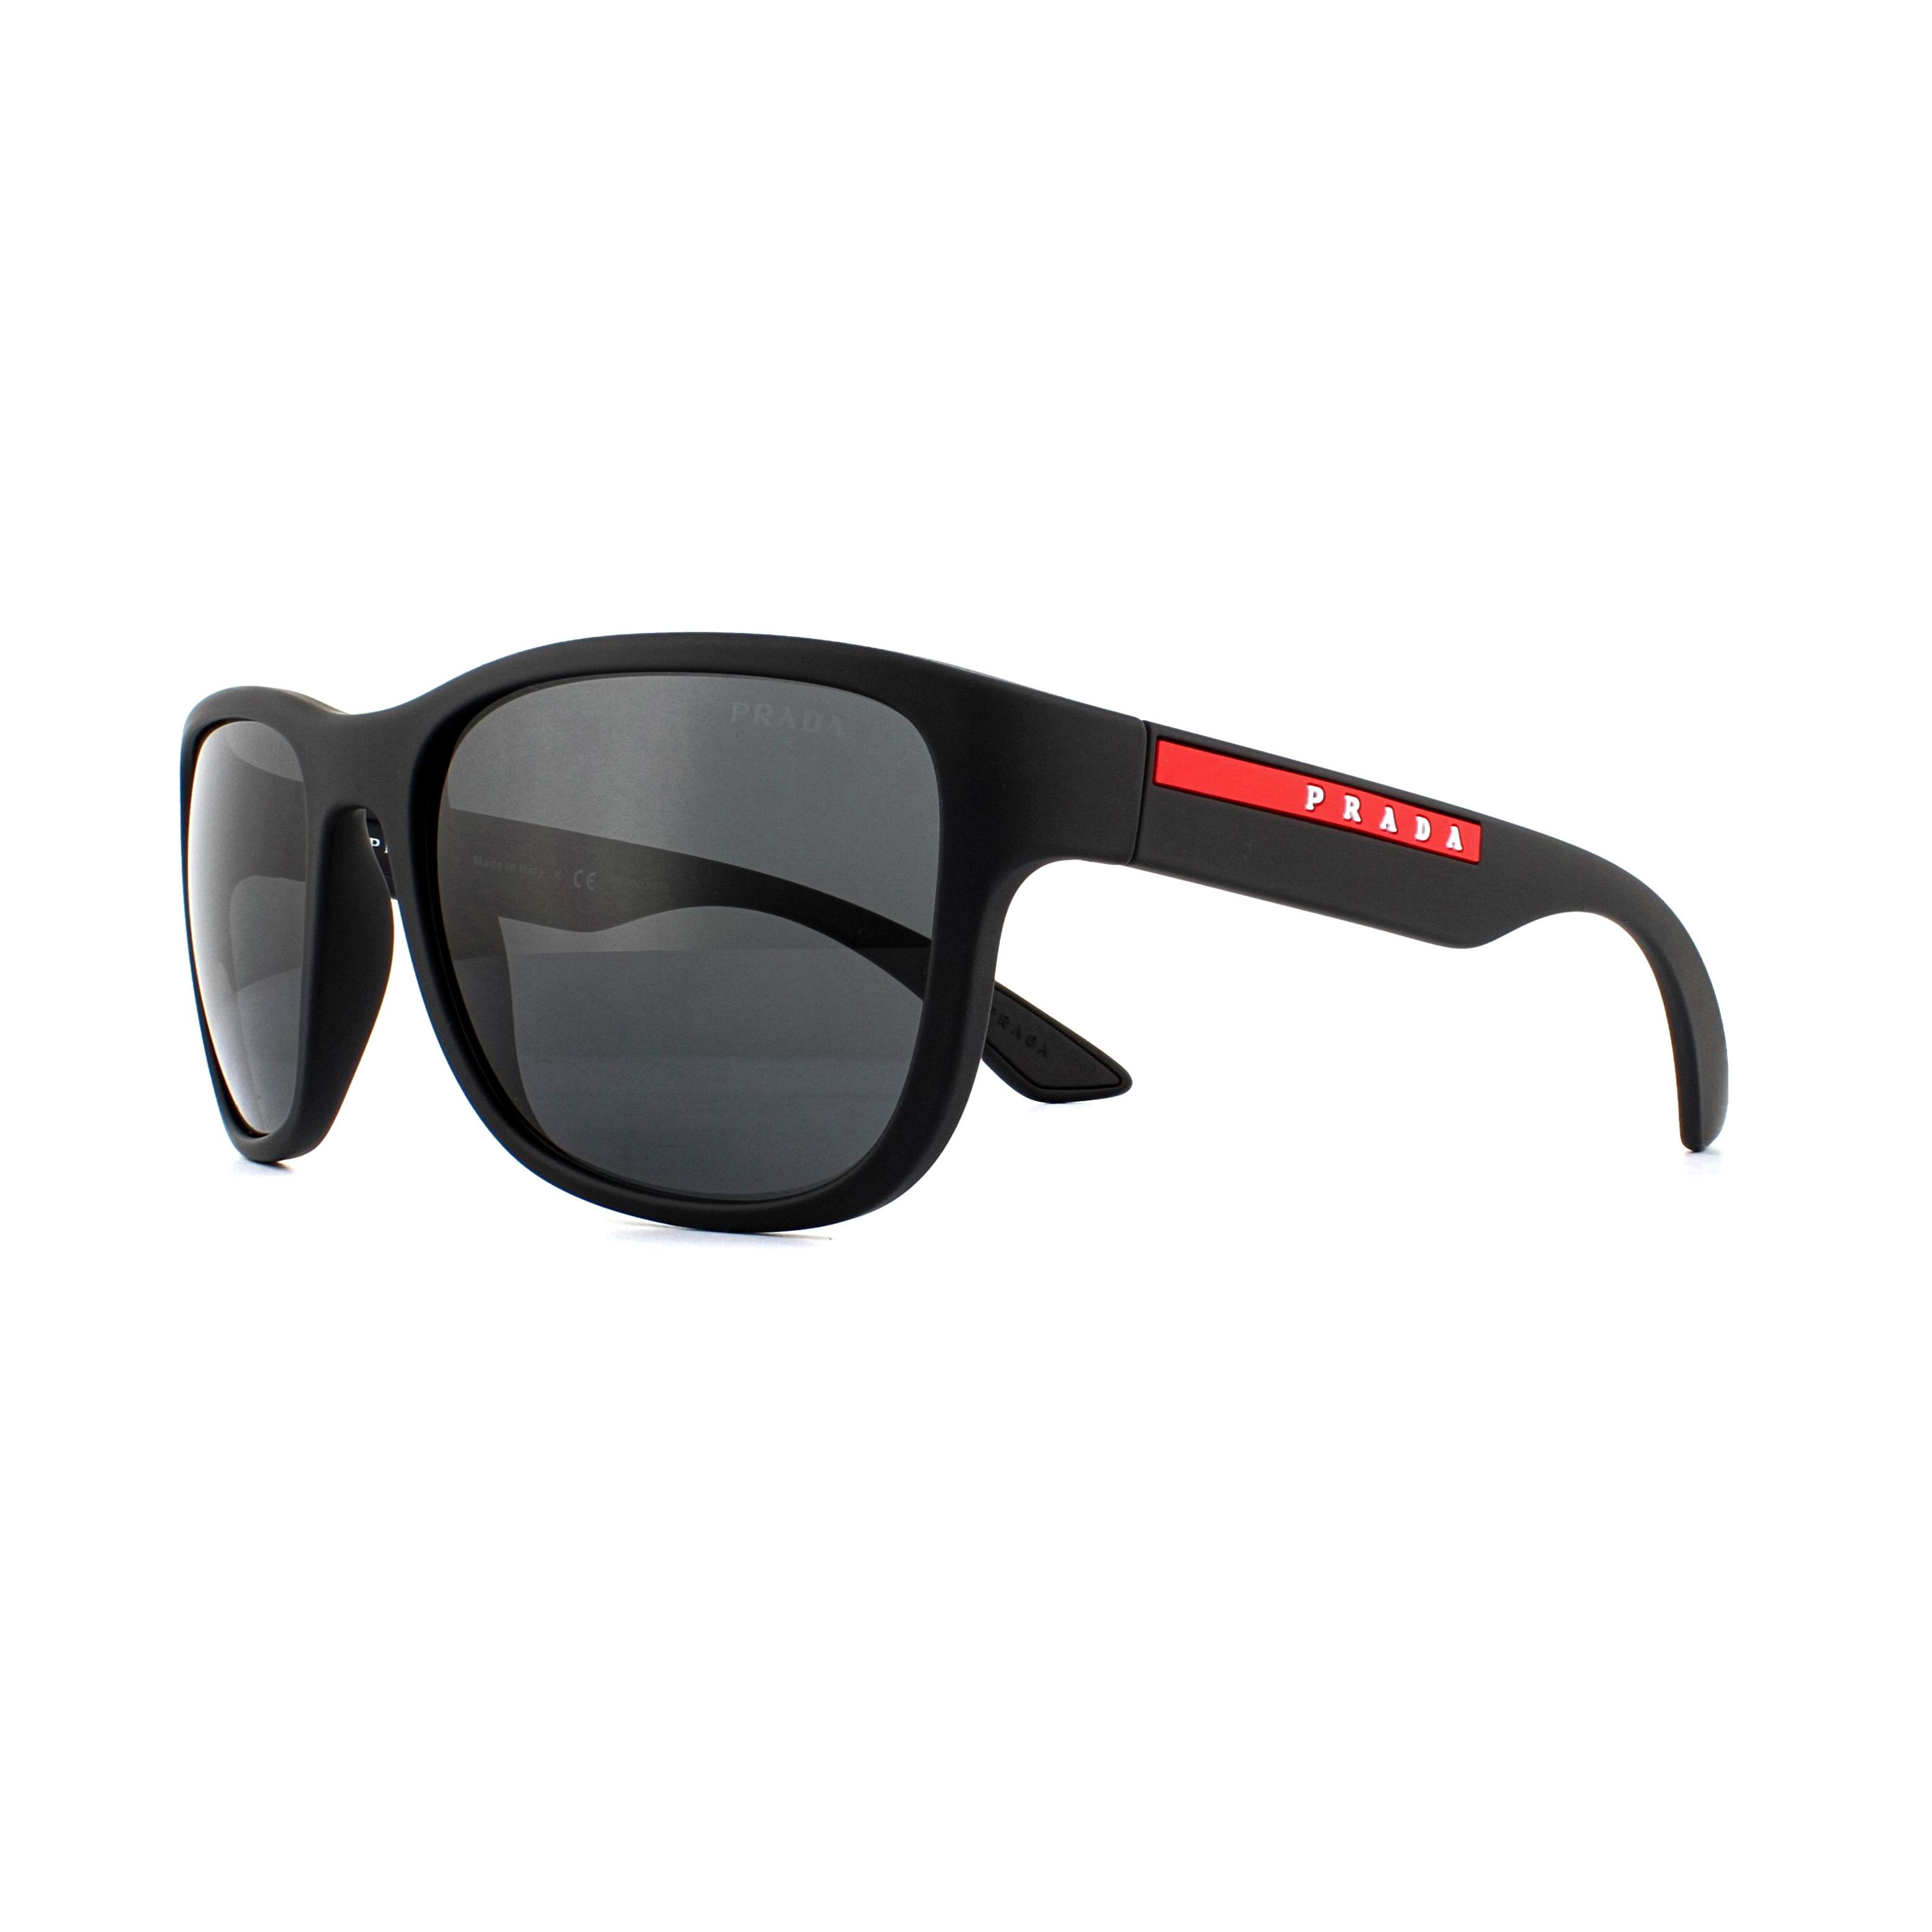 7cfe6614af3e Prada Sport Sunglasses PS01US DG05S0 Black Rubber Grey 8053672982725 ...